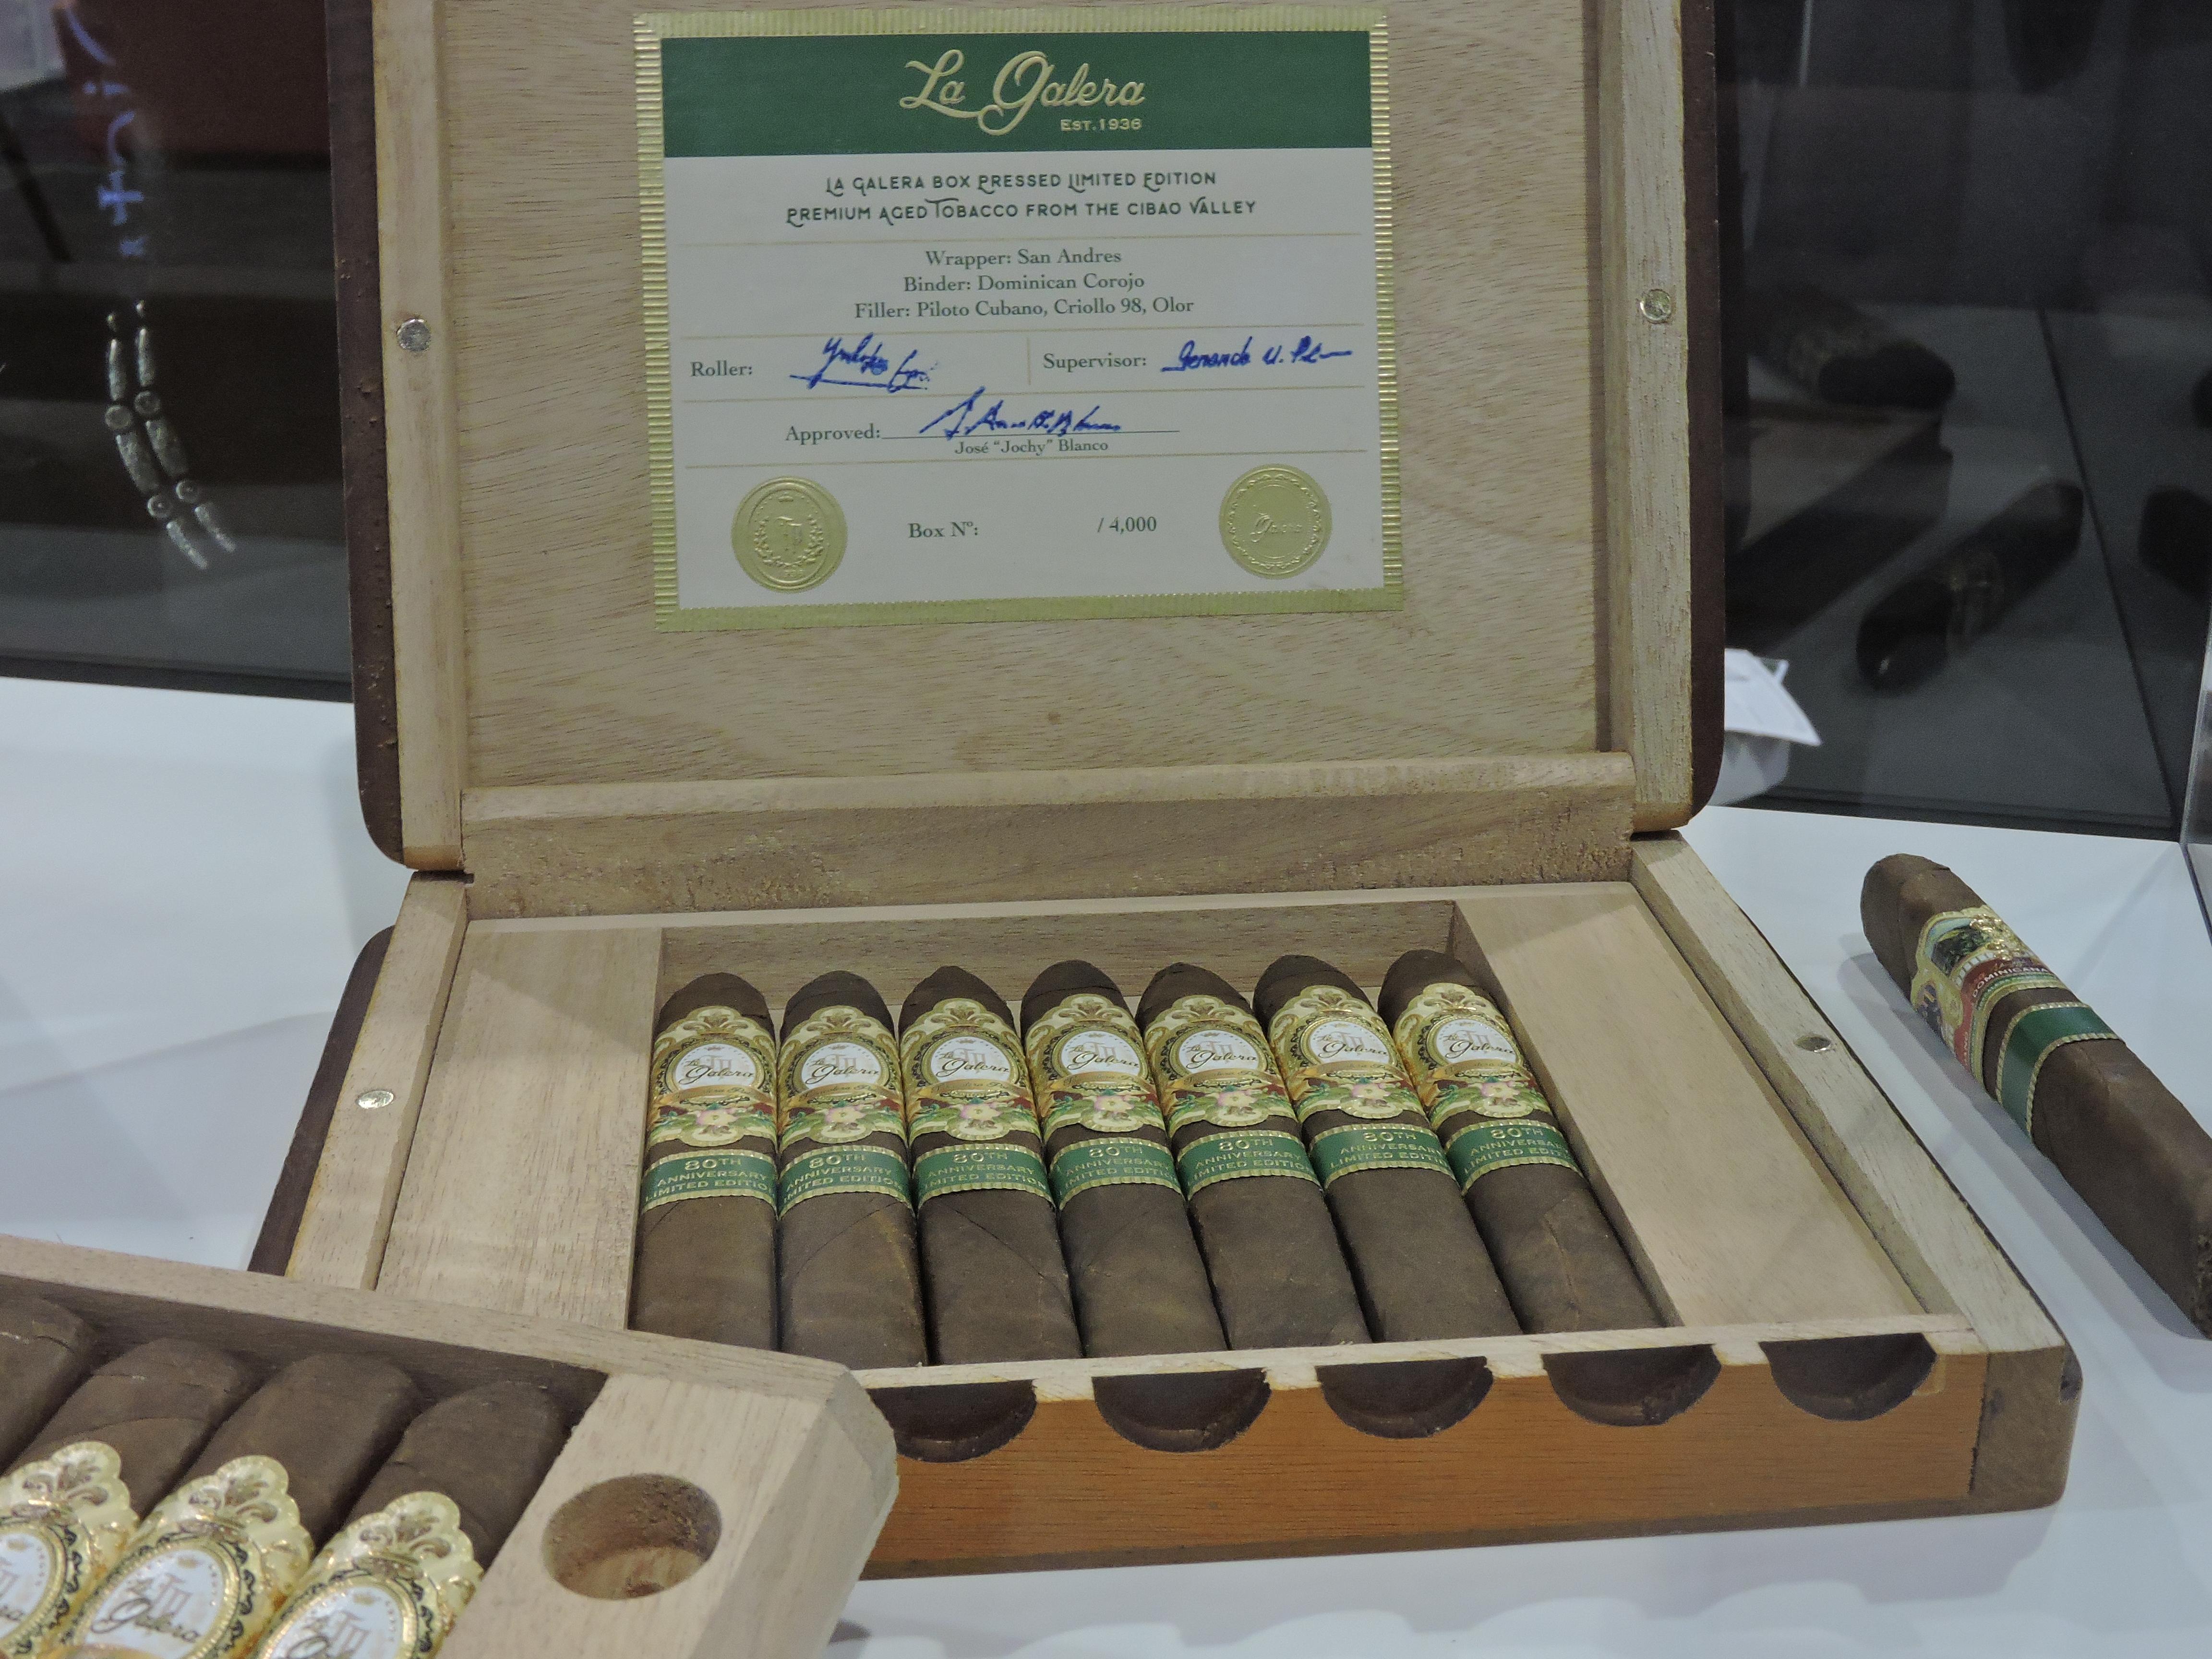 La_Galera_80th_Anniversary_Box_Pressed_Limited_Edition_Cortador